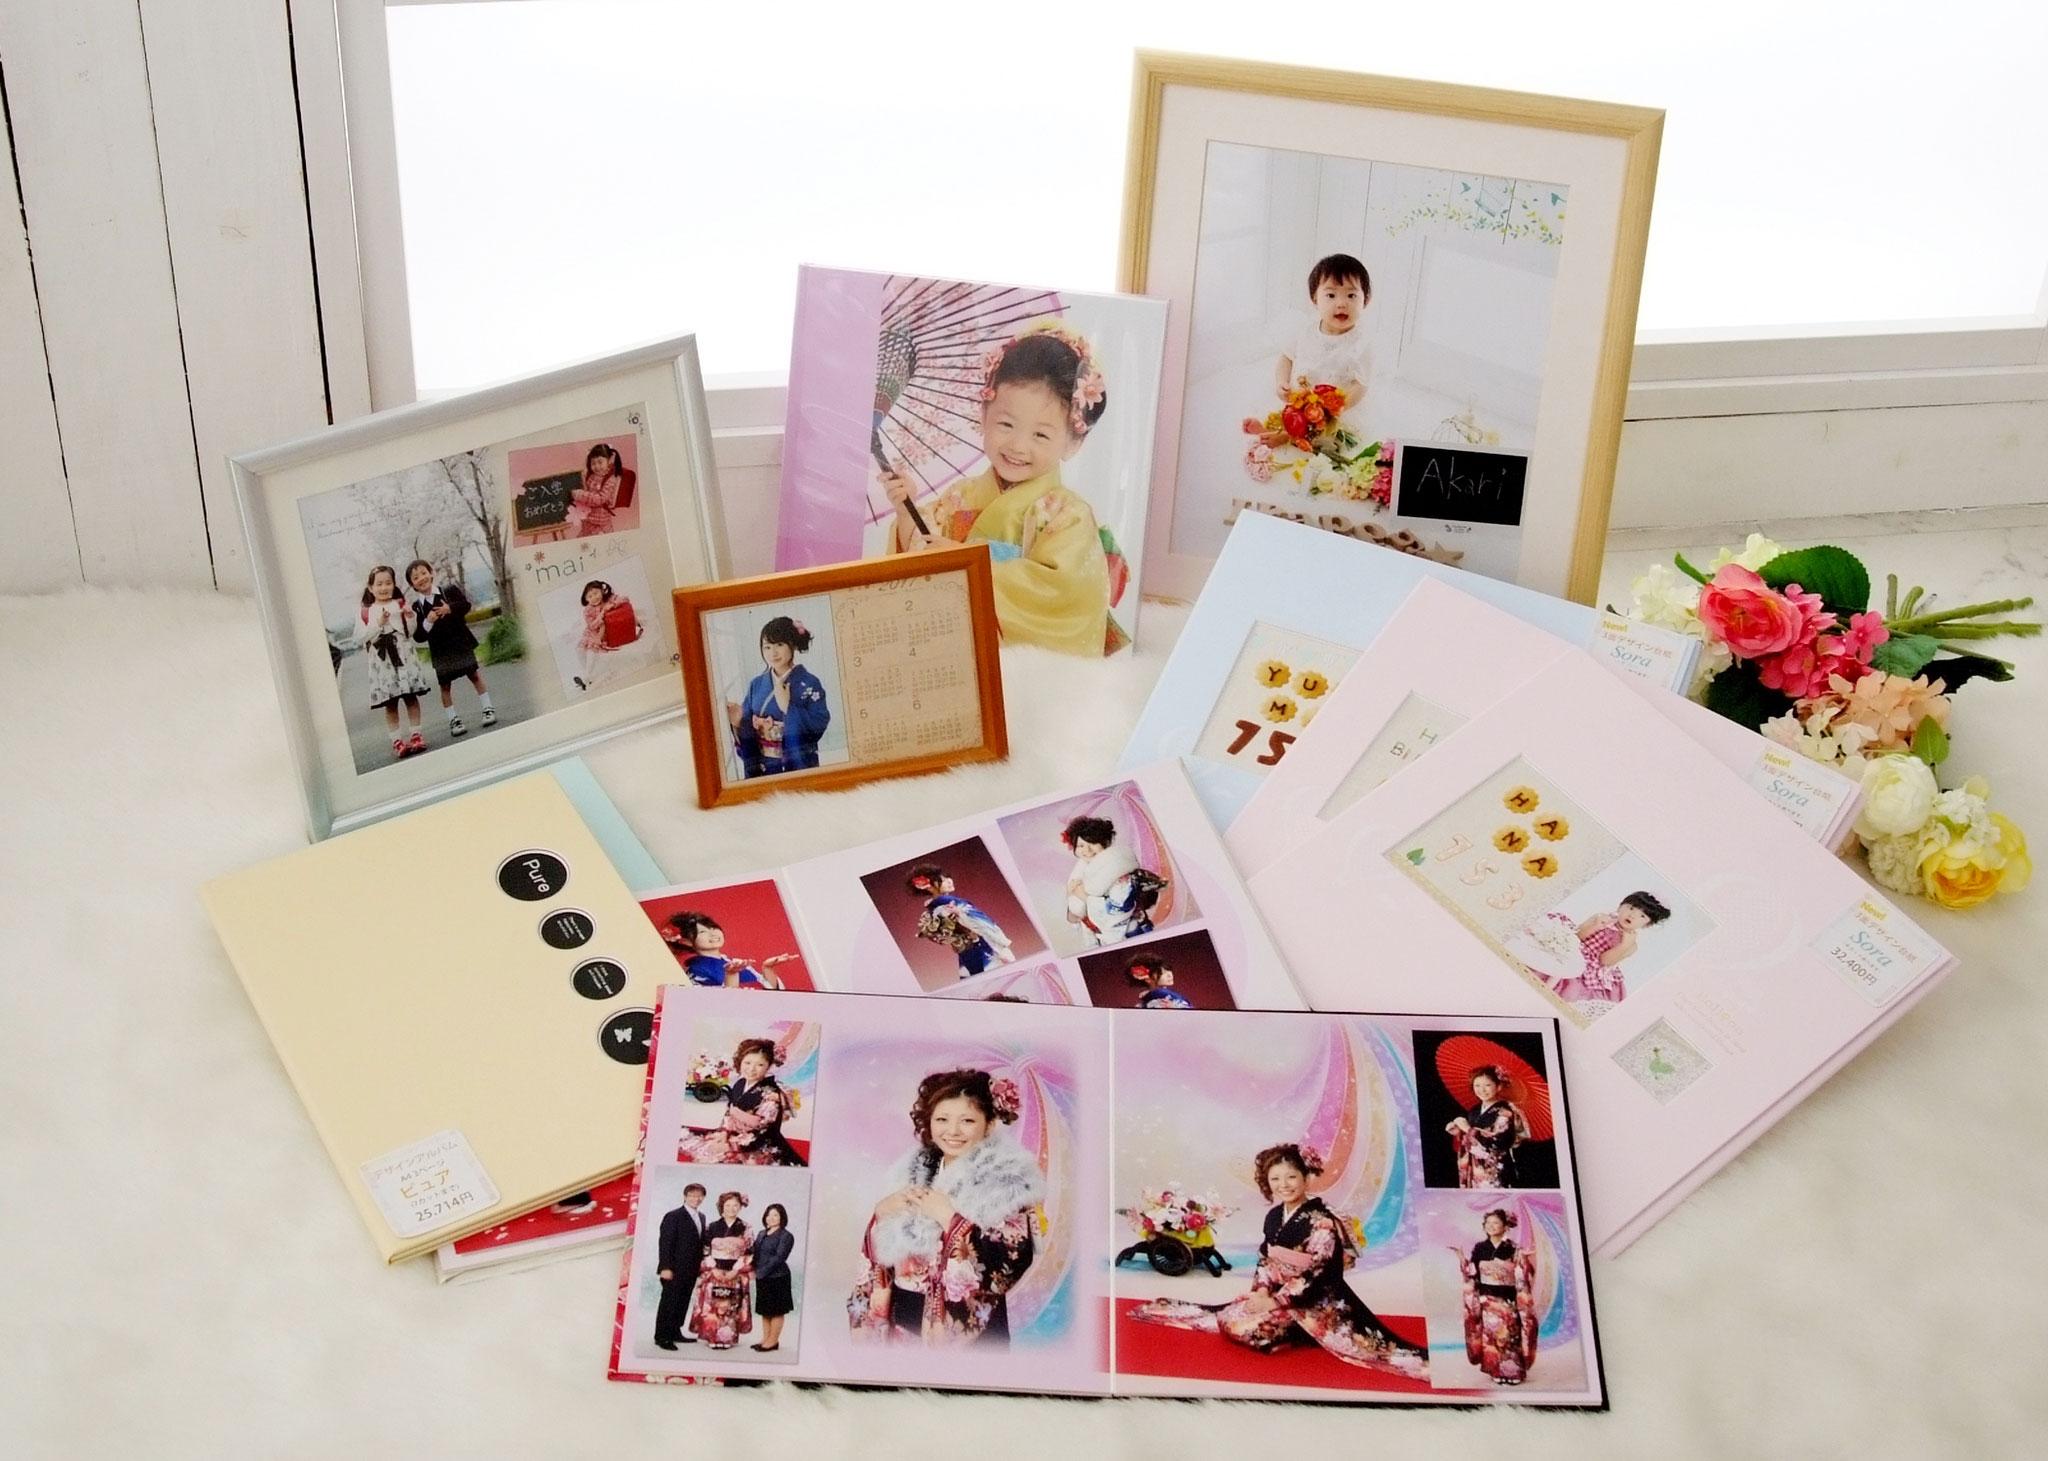 お写真は、デザインアルバムや額入りお写真、カレンダーなどお客様のご要望に応じて形にしていきます